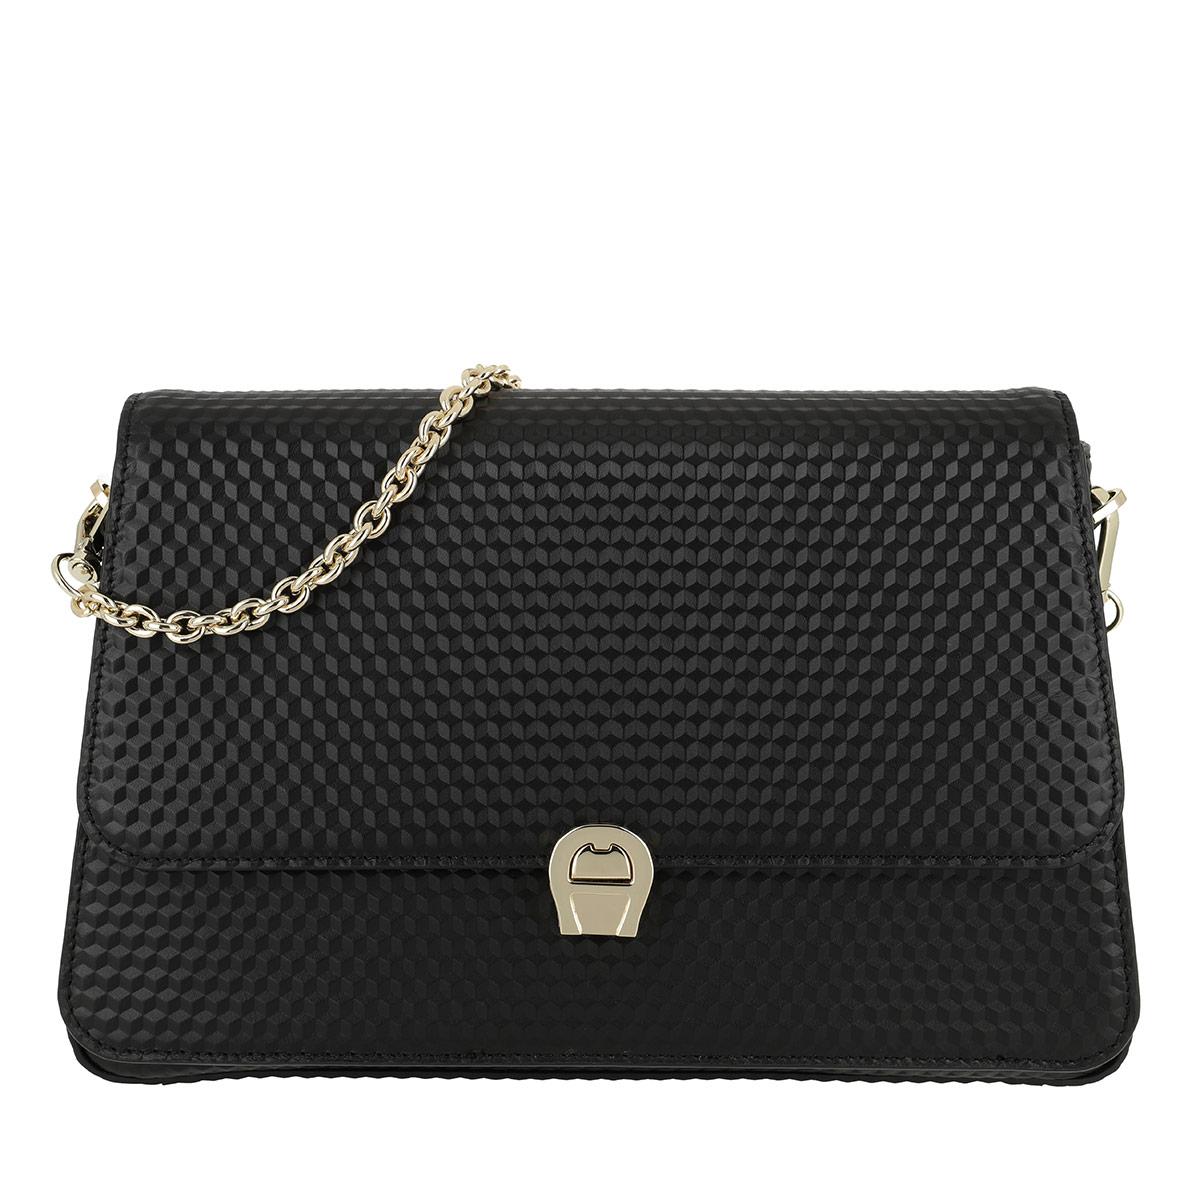 Aigner Umhängetasche - Genoveva M Crossbody Bag Black - in schwarz - für Damen